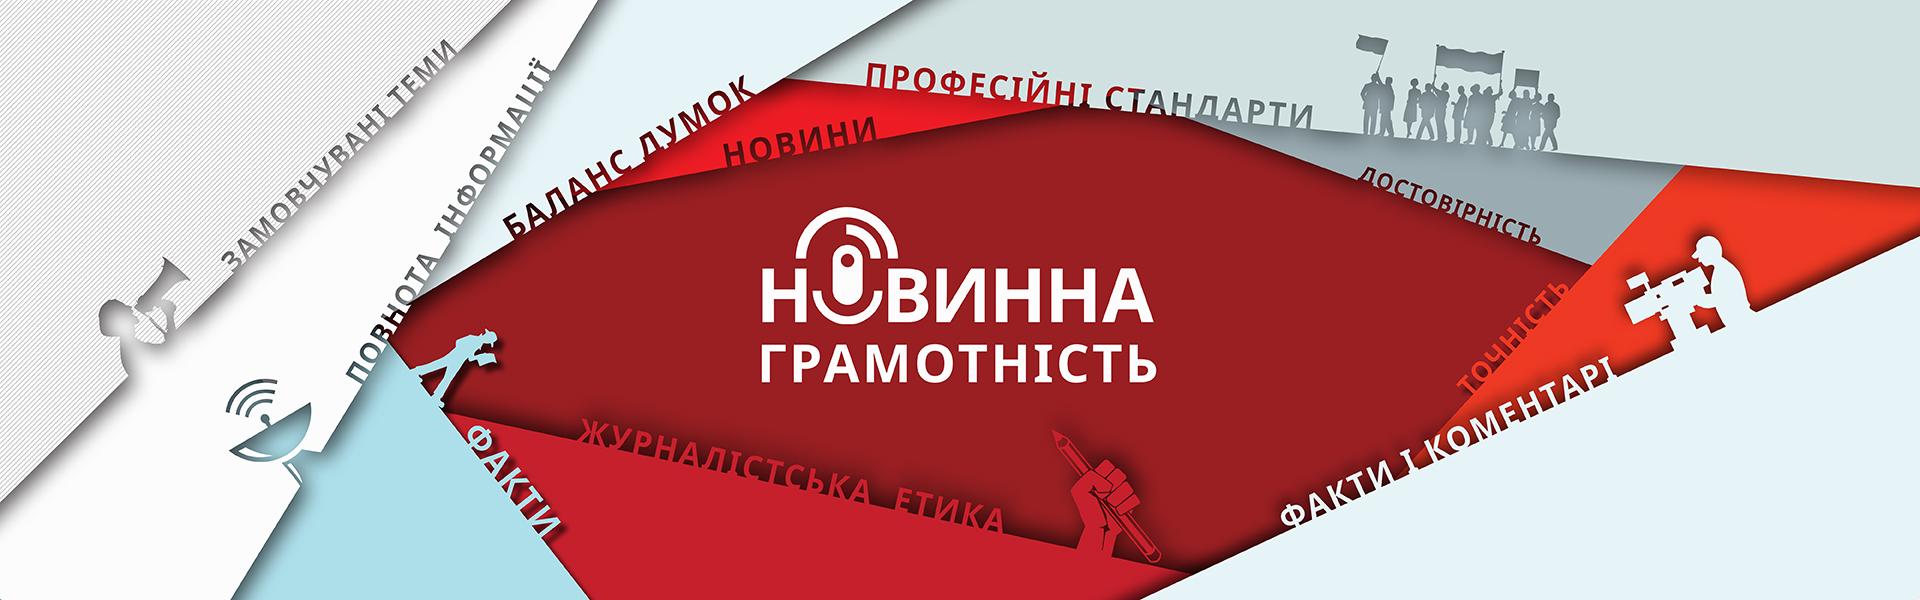 ГО «Детектор медіа» презентувала онлайн-курс «Новинна грамотність»